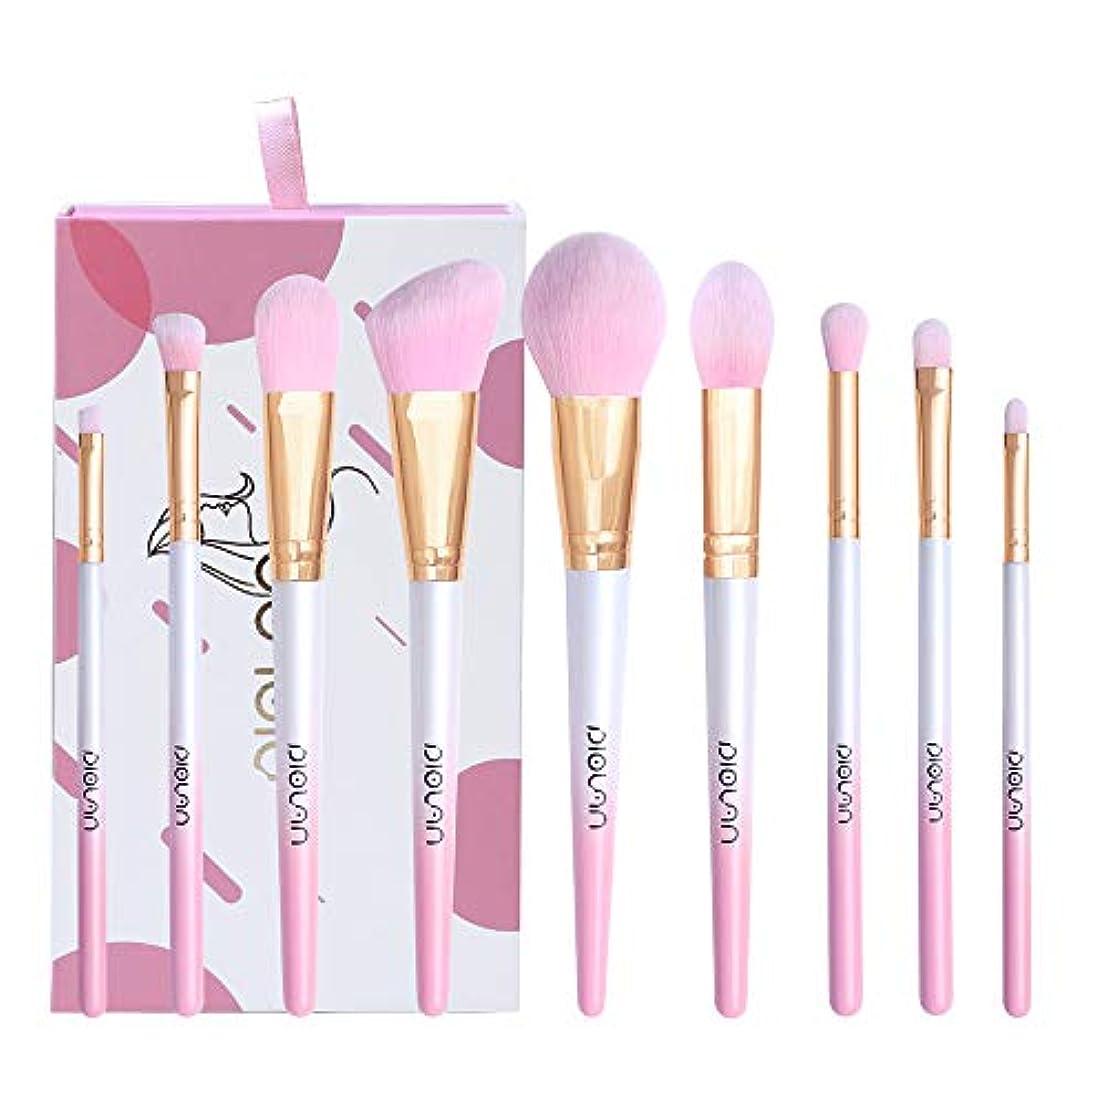 課すいつカウントDiolan メイクブラシ 化粧ブラシセット 高級タクロン 超柔らかい 9本セット (桜のピンク)